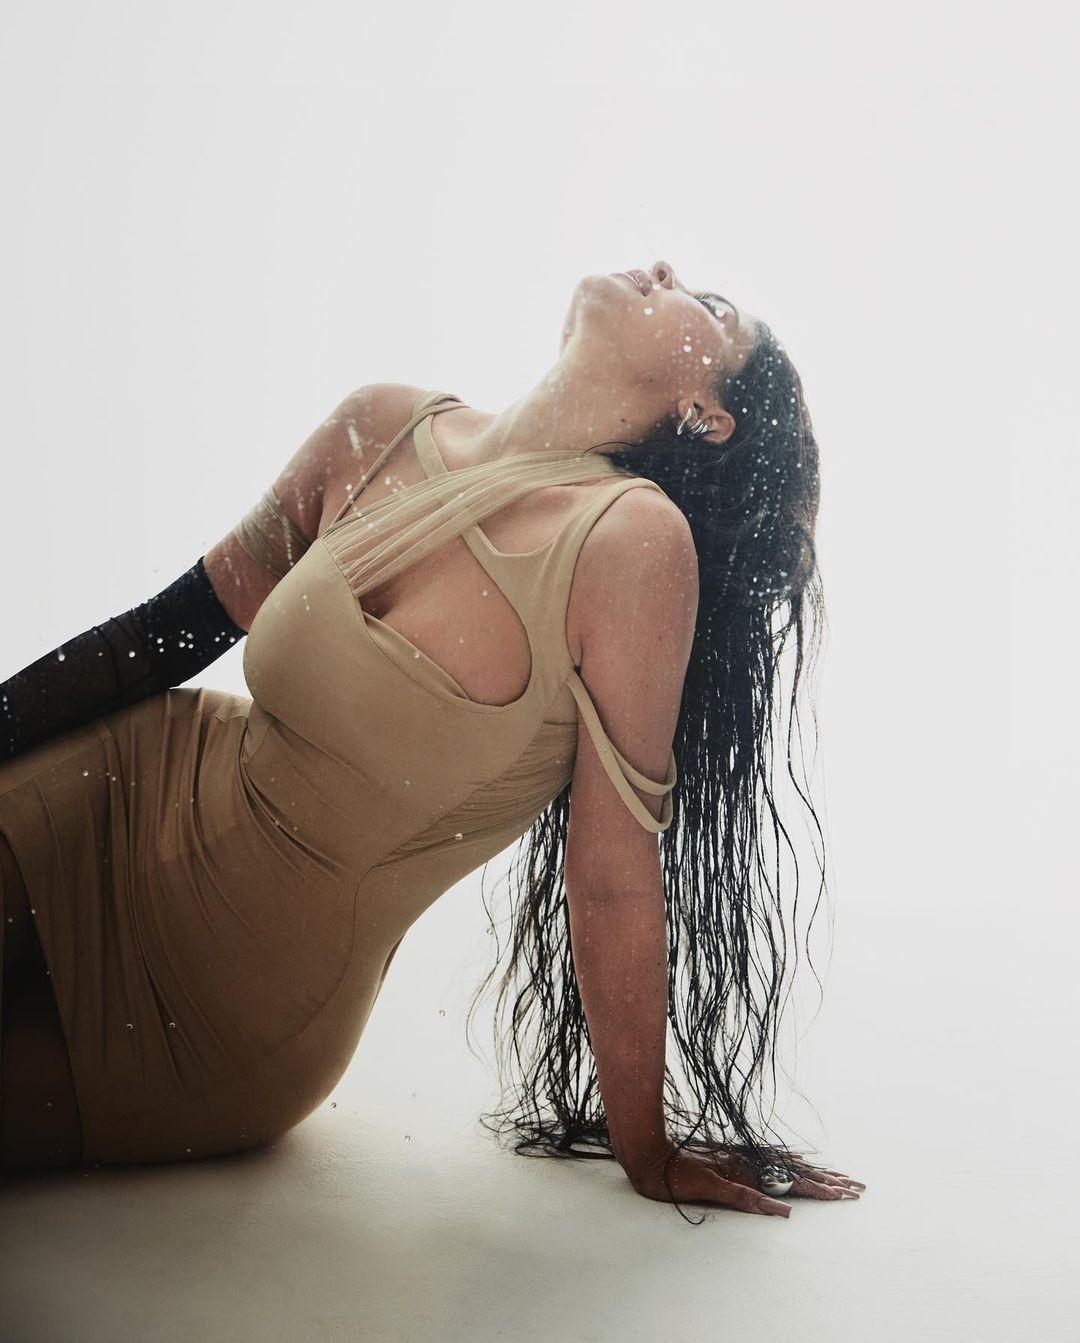 Горячая штука: Кайли Дженнер снялась в откровенной фотосессии для глянца (ФОТО) - фото №9